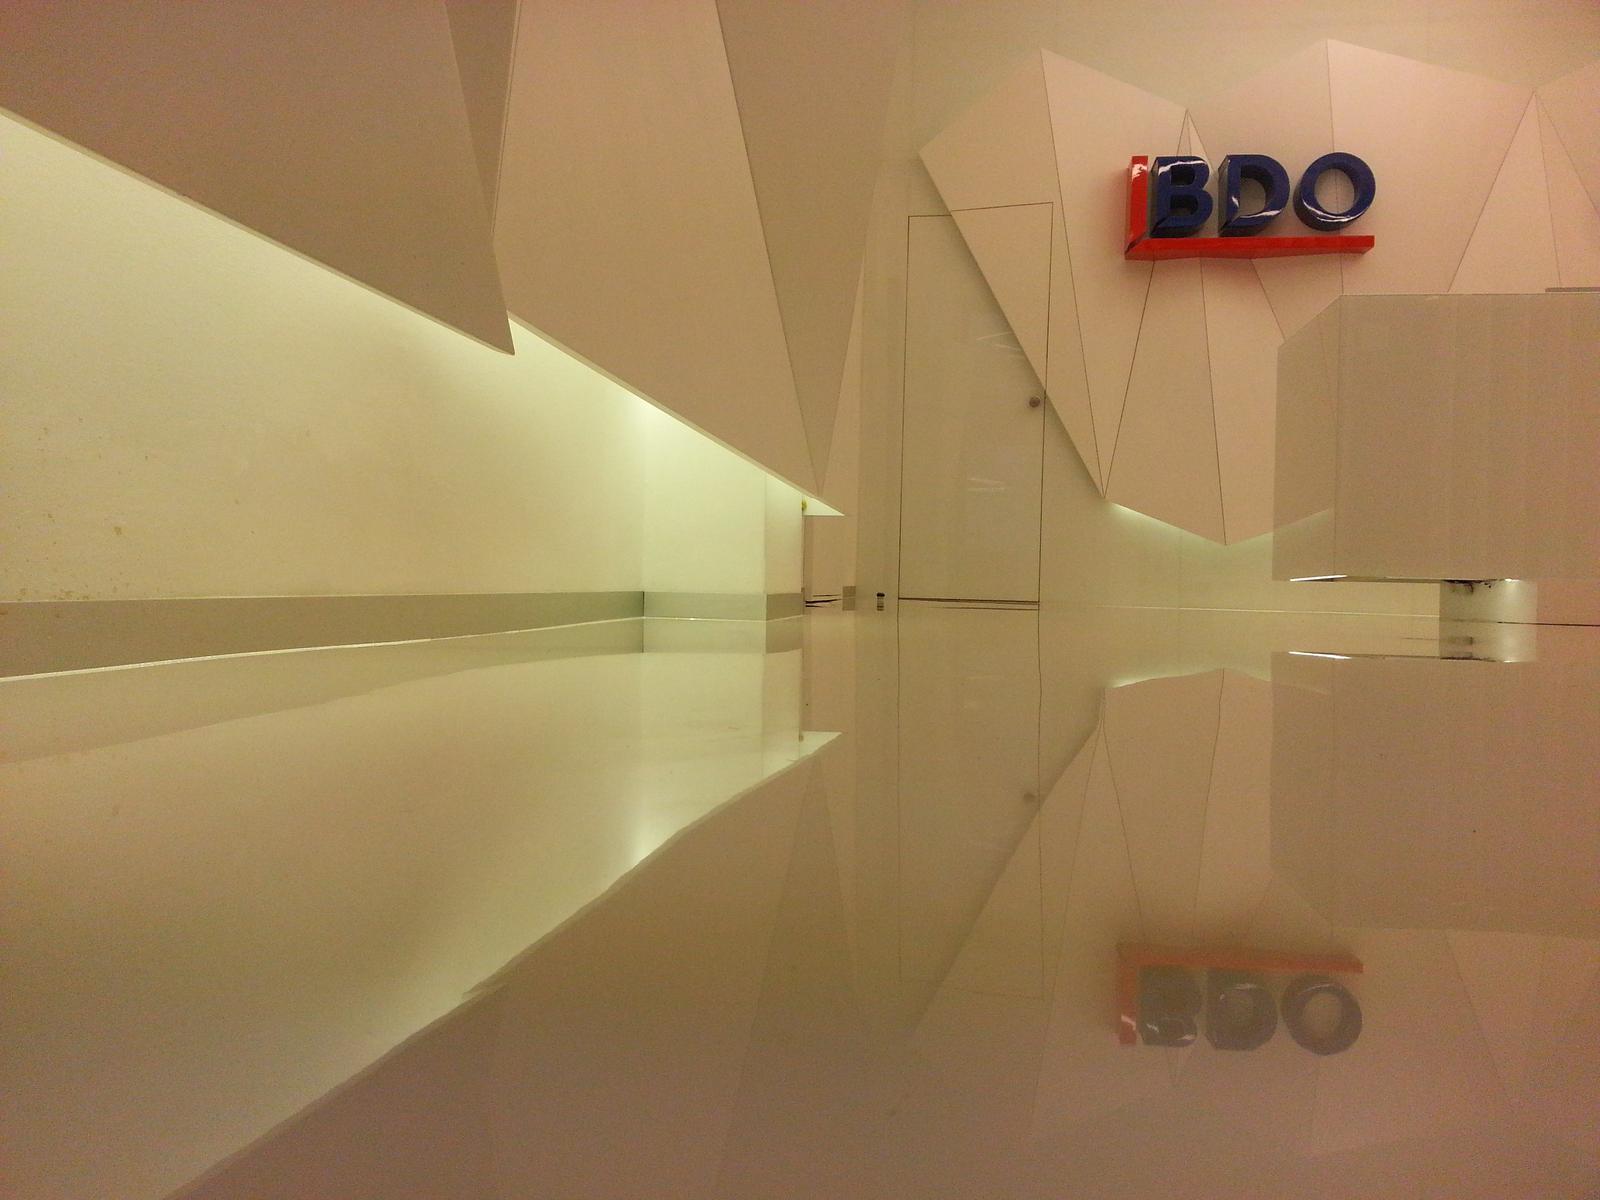 eurotipek - Kreativita a zámer architekta môže vyniknúť iba pri kvalitne vyhotovenom diele, akým tento reprezentatívny priestor recepcie nepochybne je. Podlaha vyniká extrémne vysokým leskom